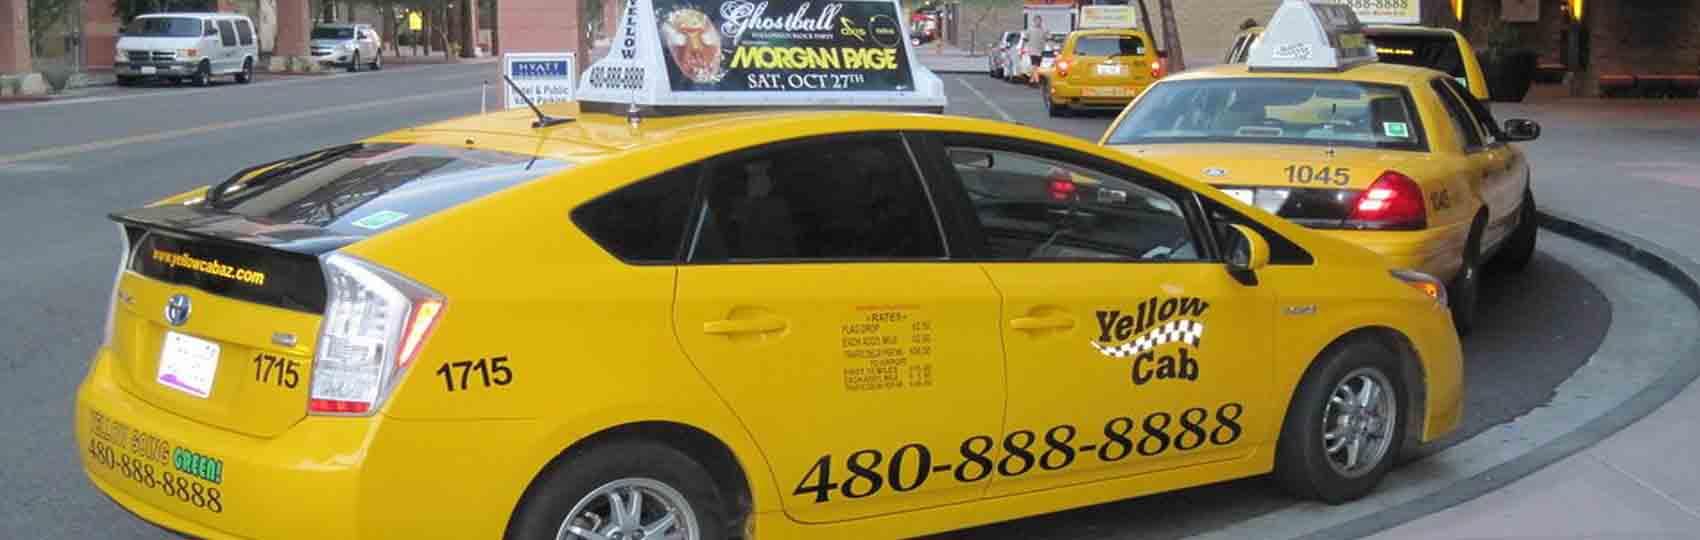 Noticias del sector del taxi y la movilidad en Arizona. Mantente informado de todas las noticias del taxi de Arizona en el grupo de Facebook de Todo Taxi.